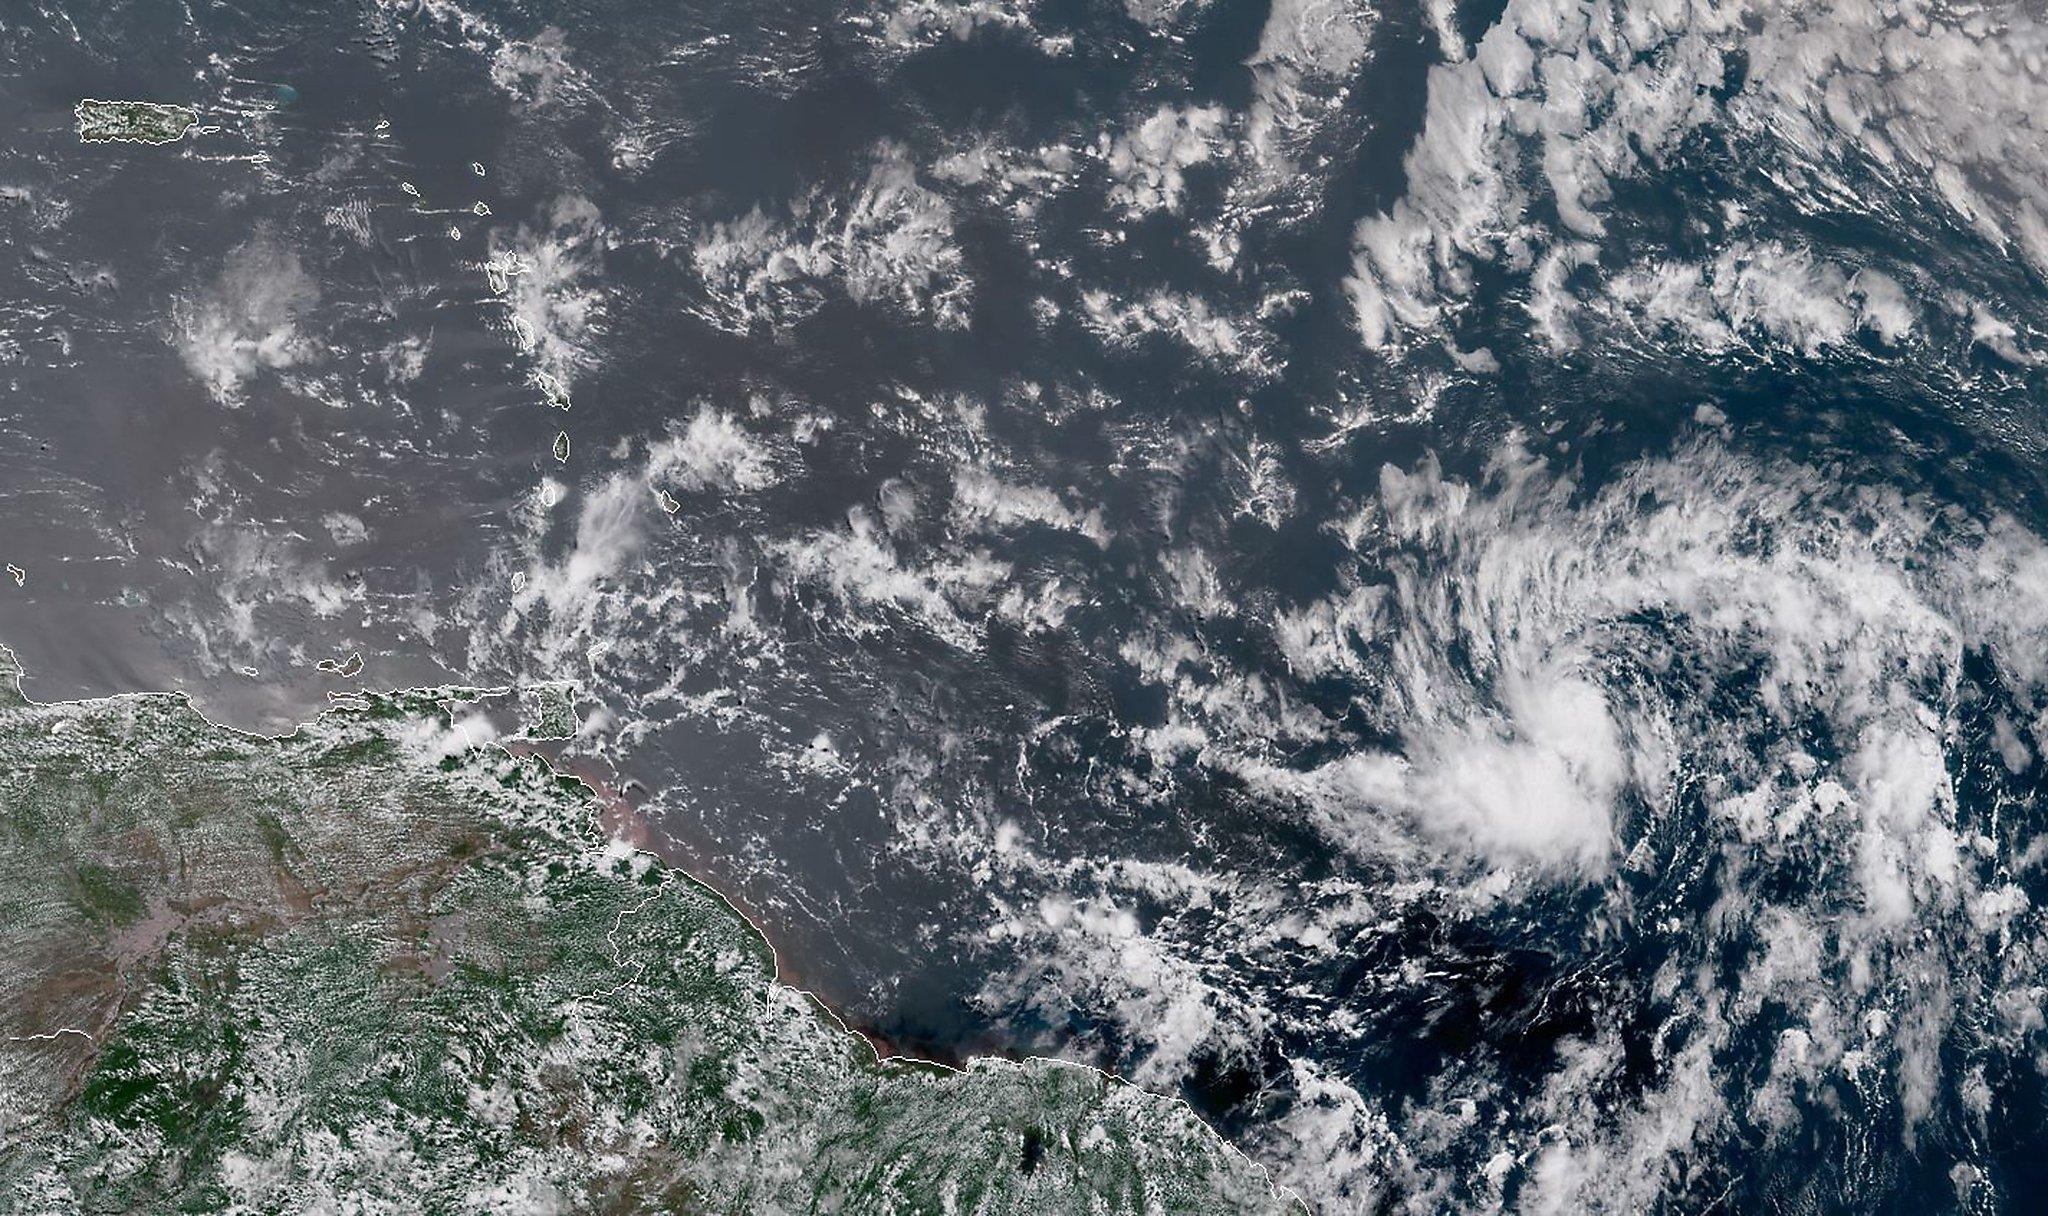 Beryl Weakens To Tropical Storm En Route To Caribbean